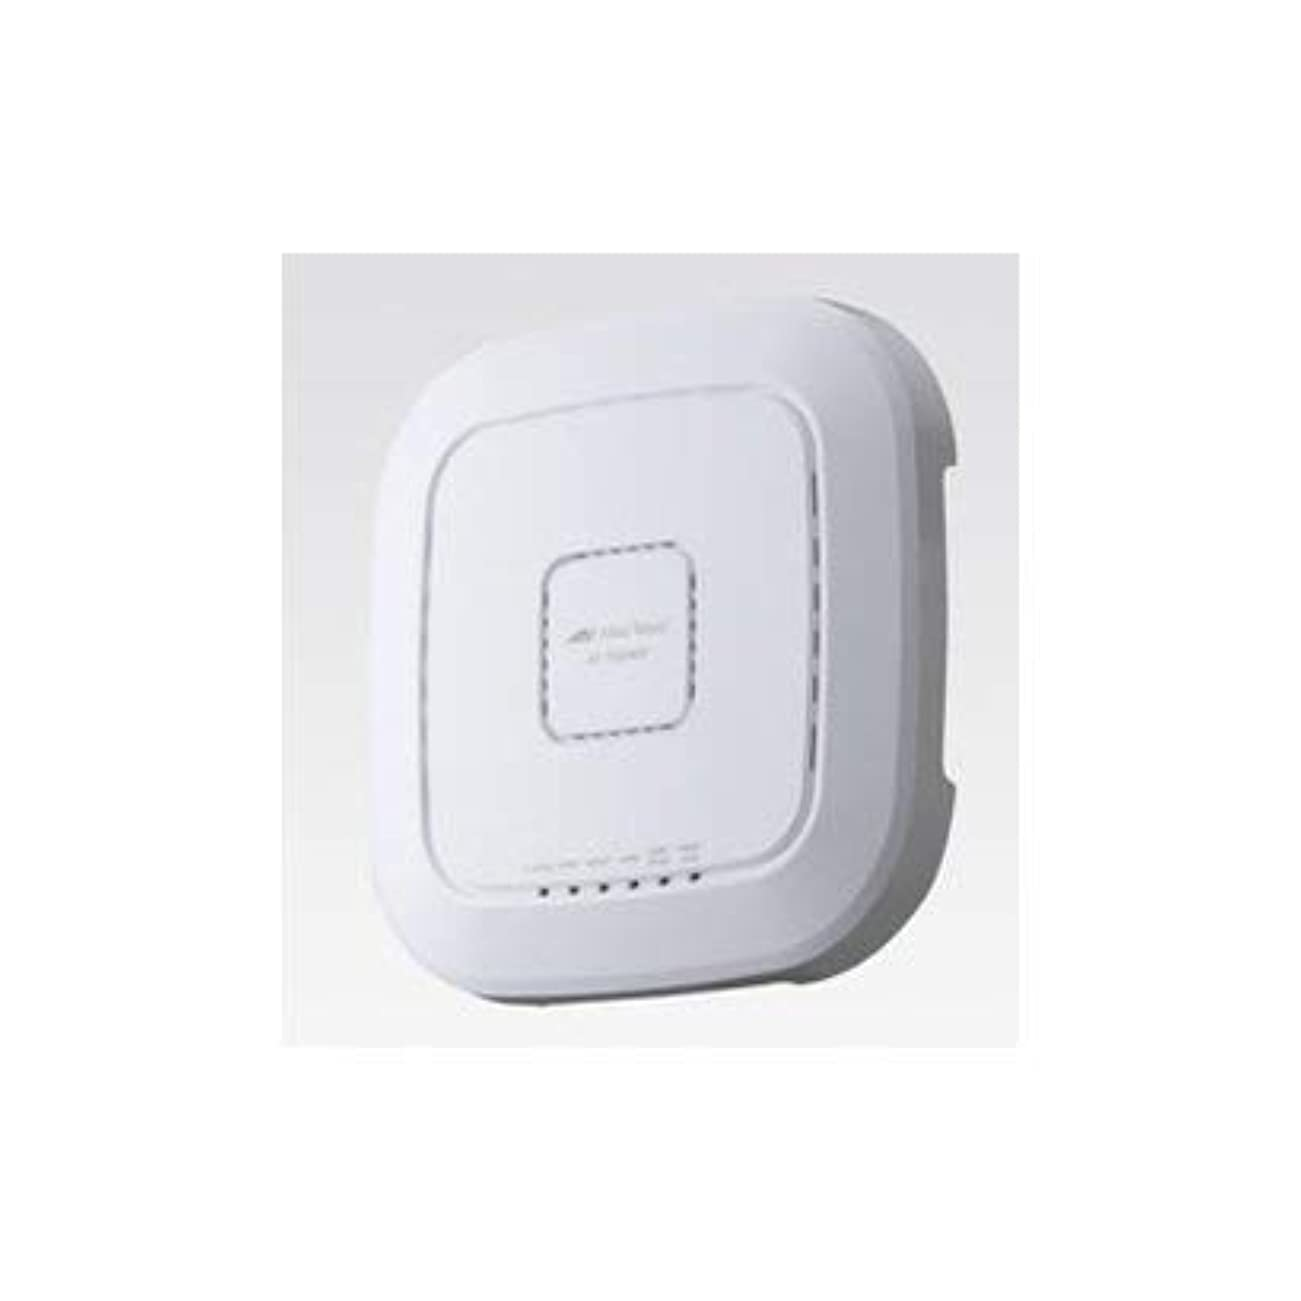 アライドテレシス 3910R AT-TQm5403 無線LANアクセスポイント